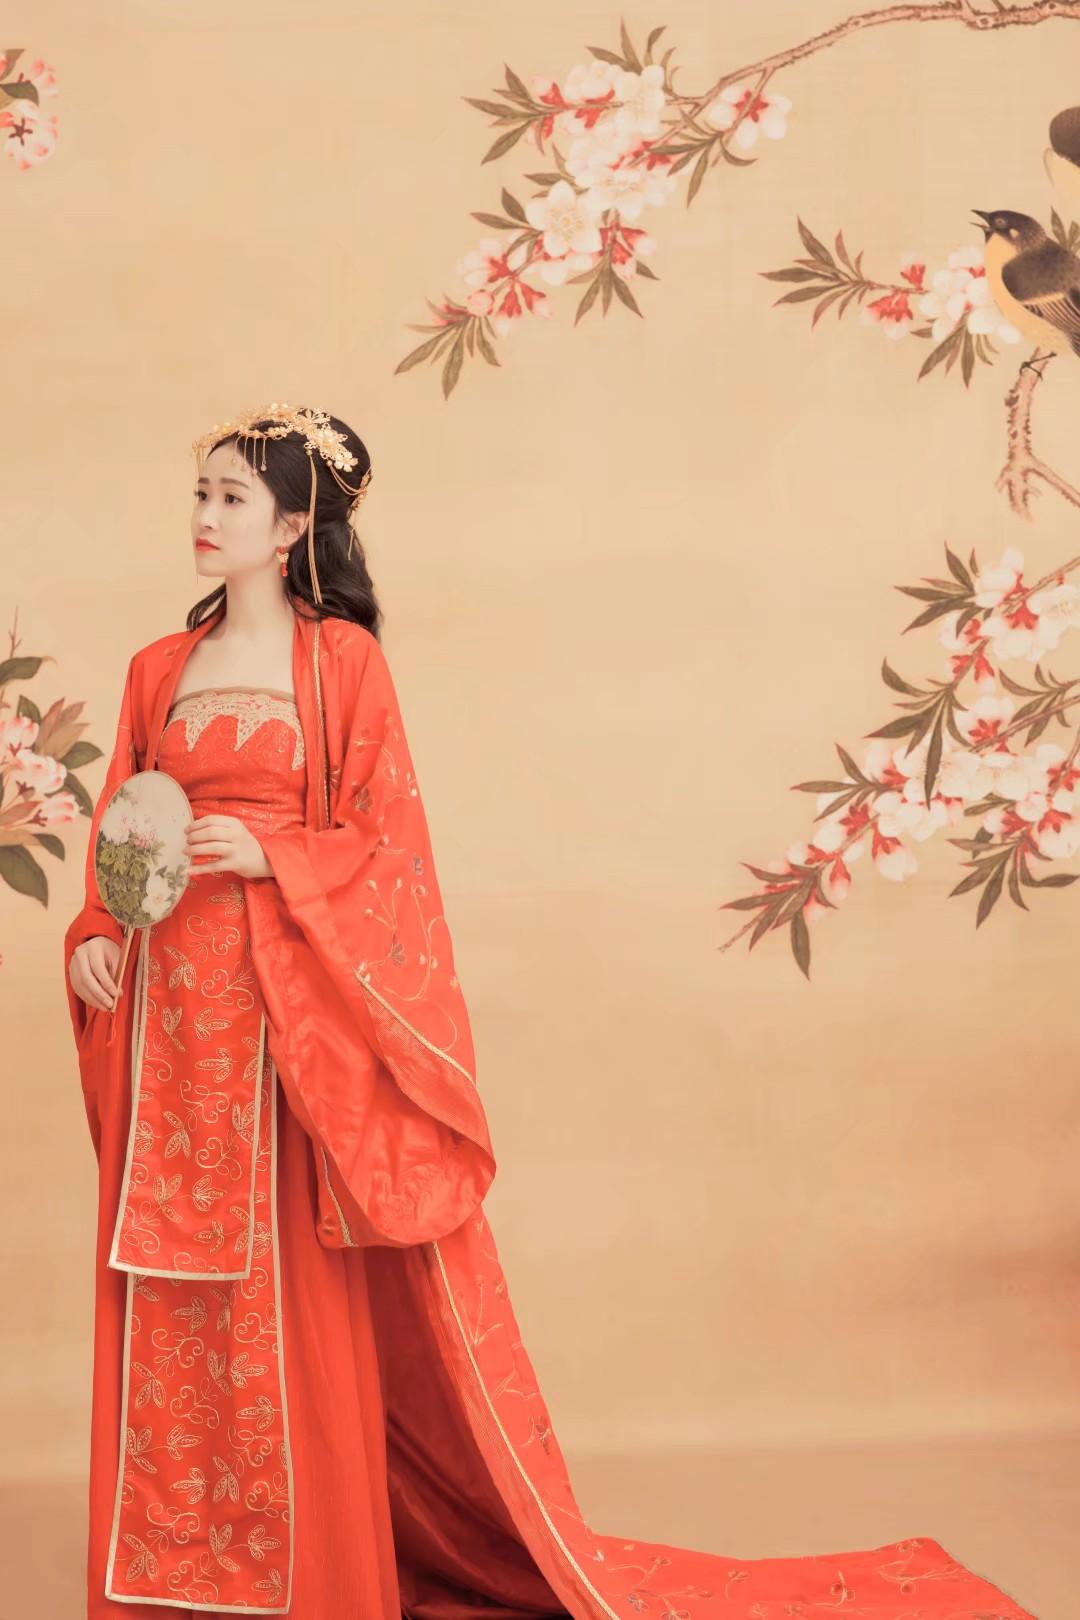 #古装美女#第一次穿古装拍照 也太好看了吧!!!!!衣服真的是美的没话说 好想回到古代啊!!!!尤其是大红色的衣服,感觉自己要结婚啦!!!!以后要再穿些汉服拍照,美啊!!!!!